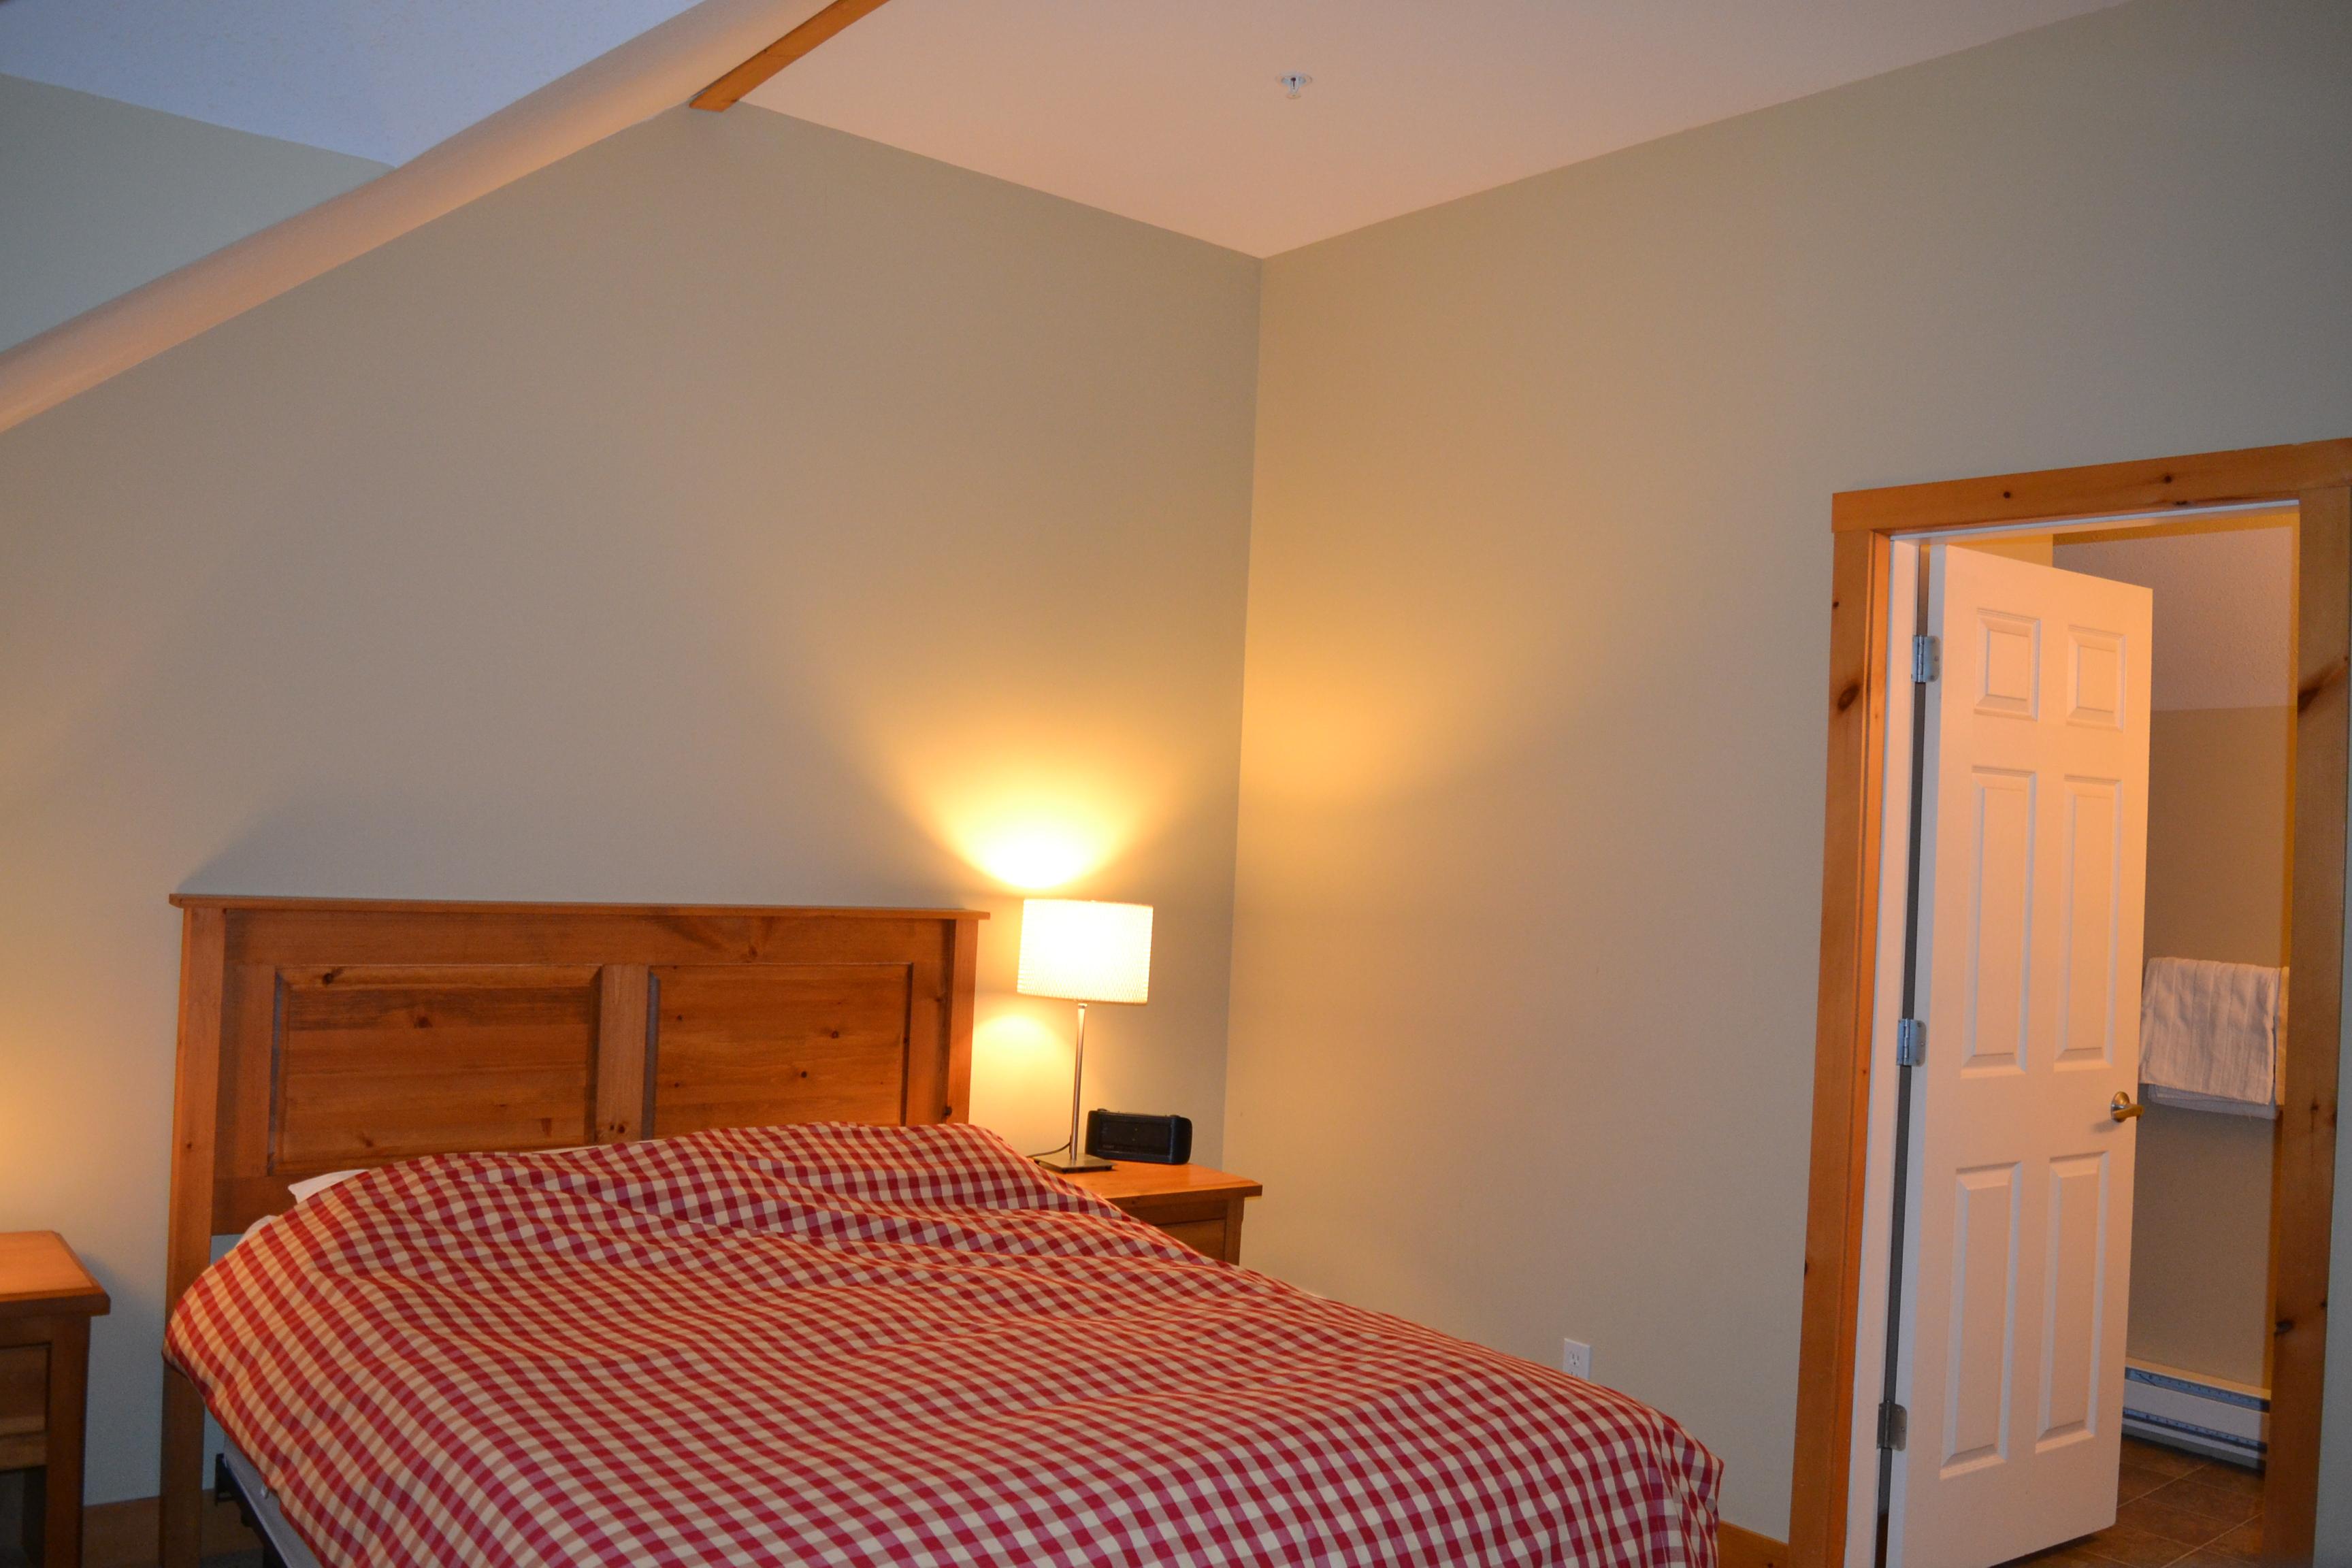 KR410 - Master Bedroom